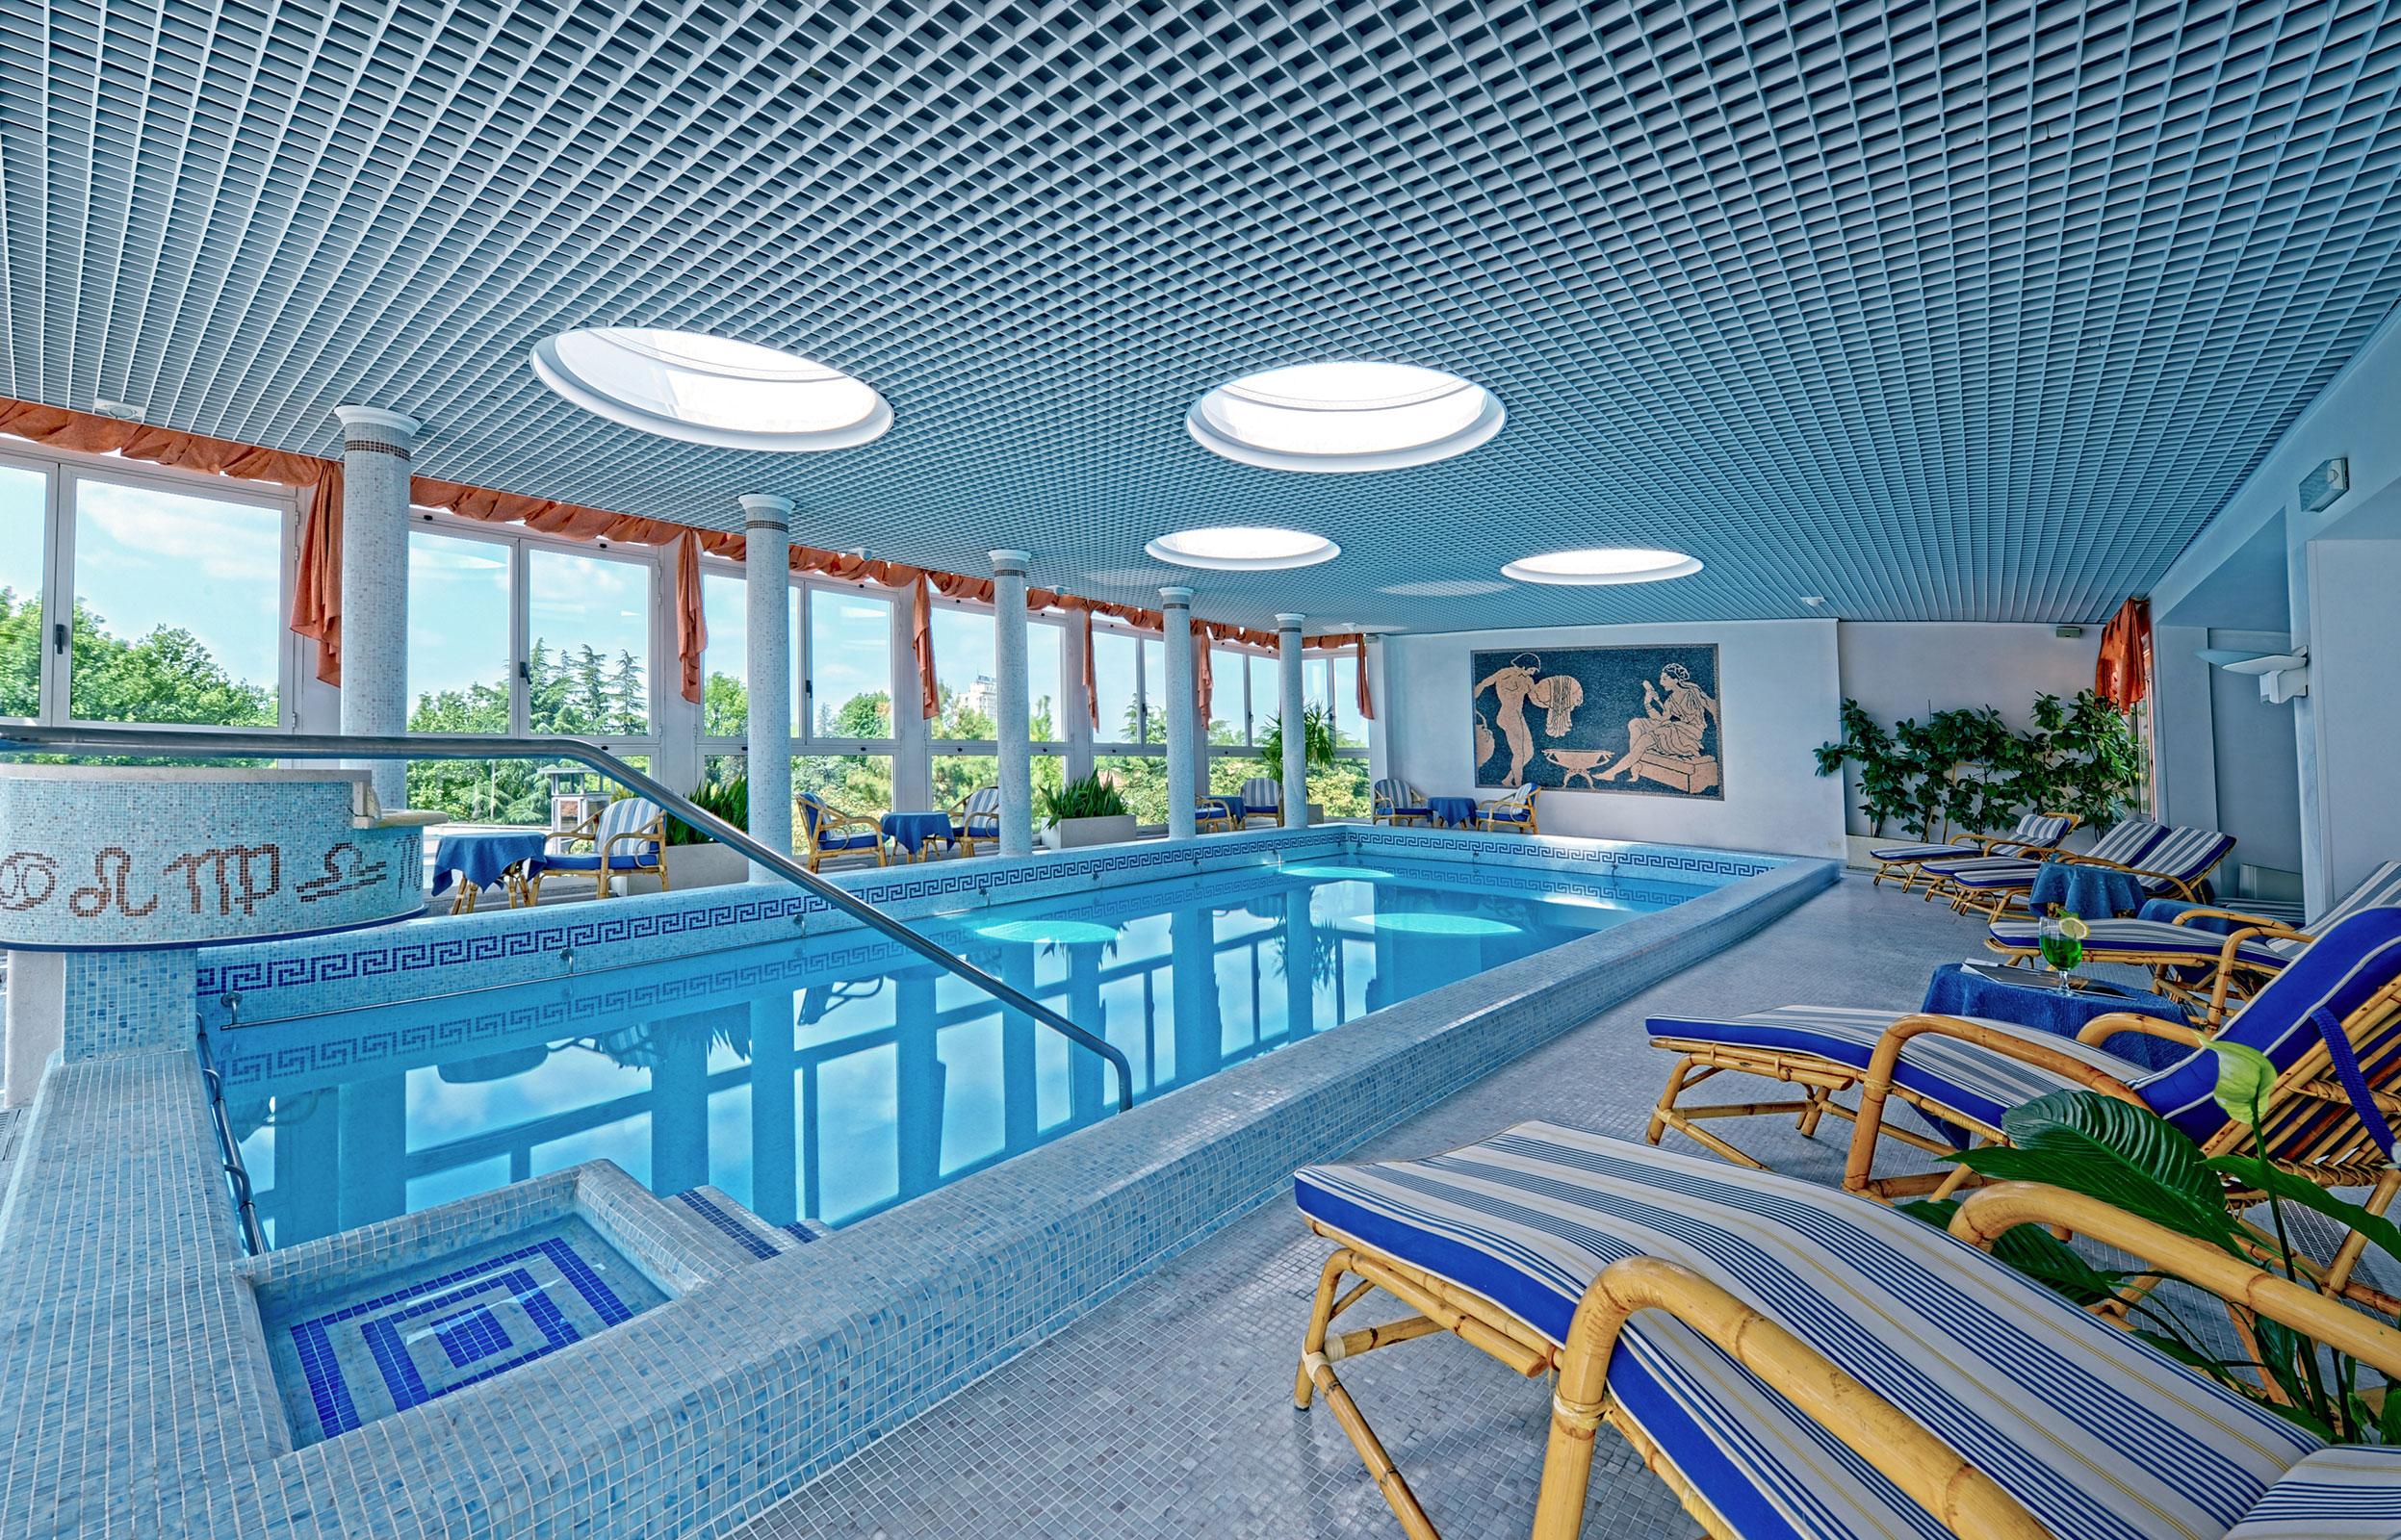 Temperatura acqua piscina coperta idee di immagini di casamia - Hotel con piscina coperta per bambini ...